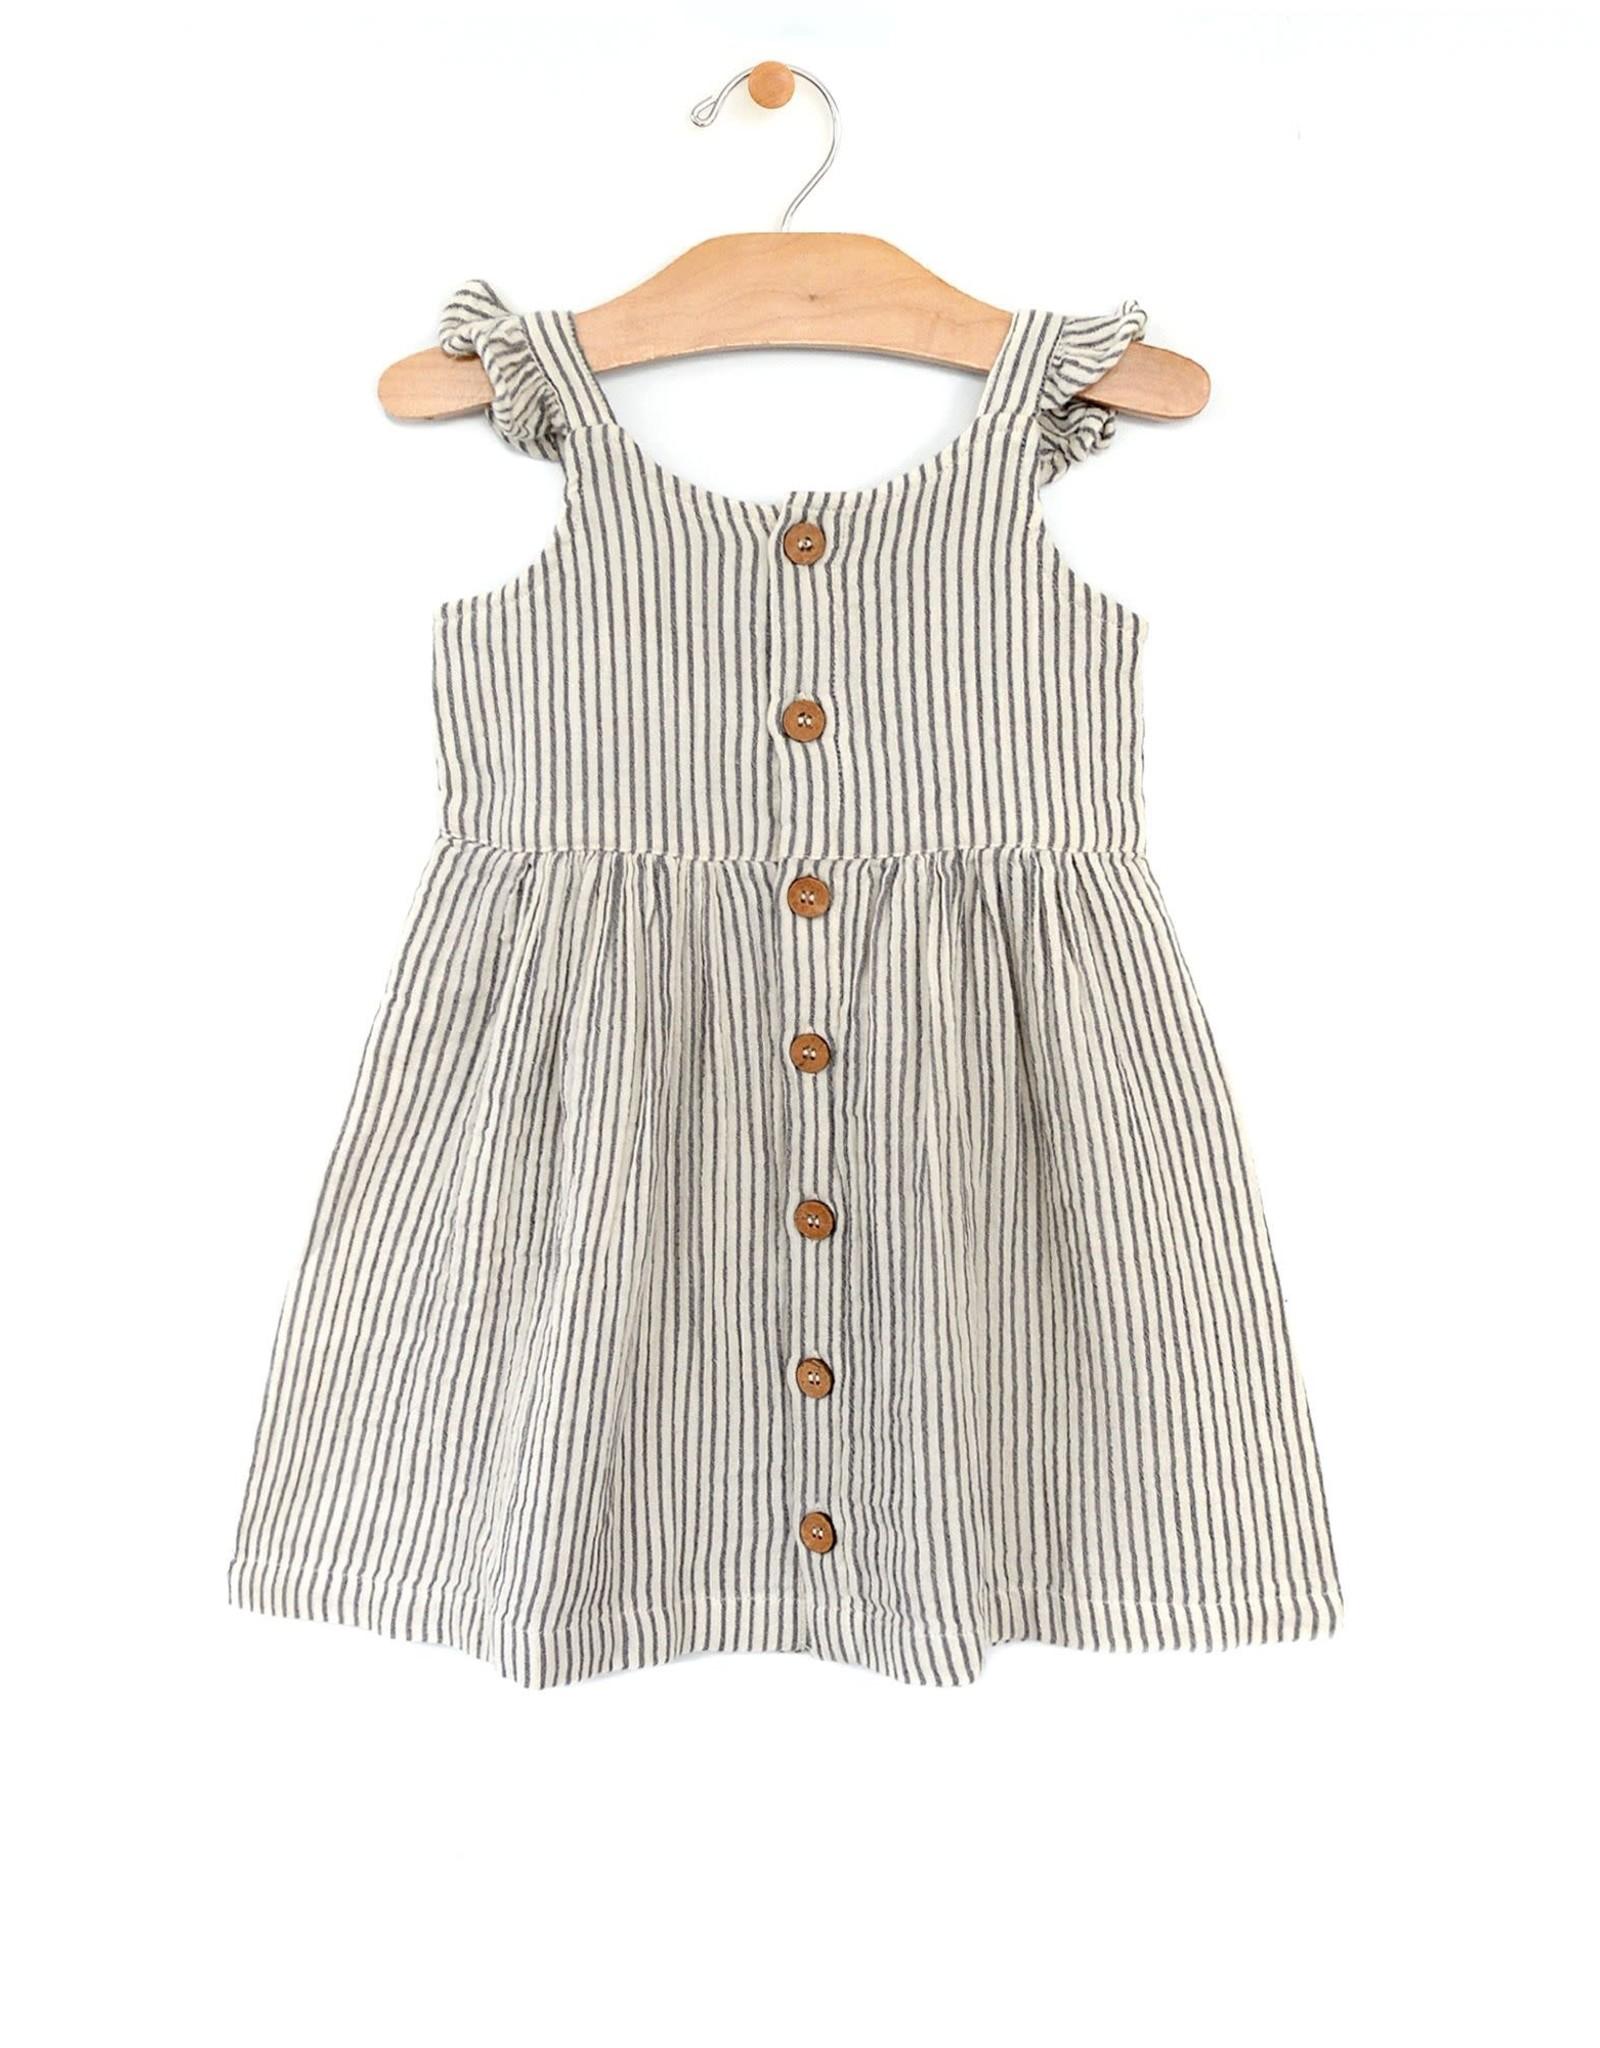 City Mouse cross back dress- stripe